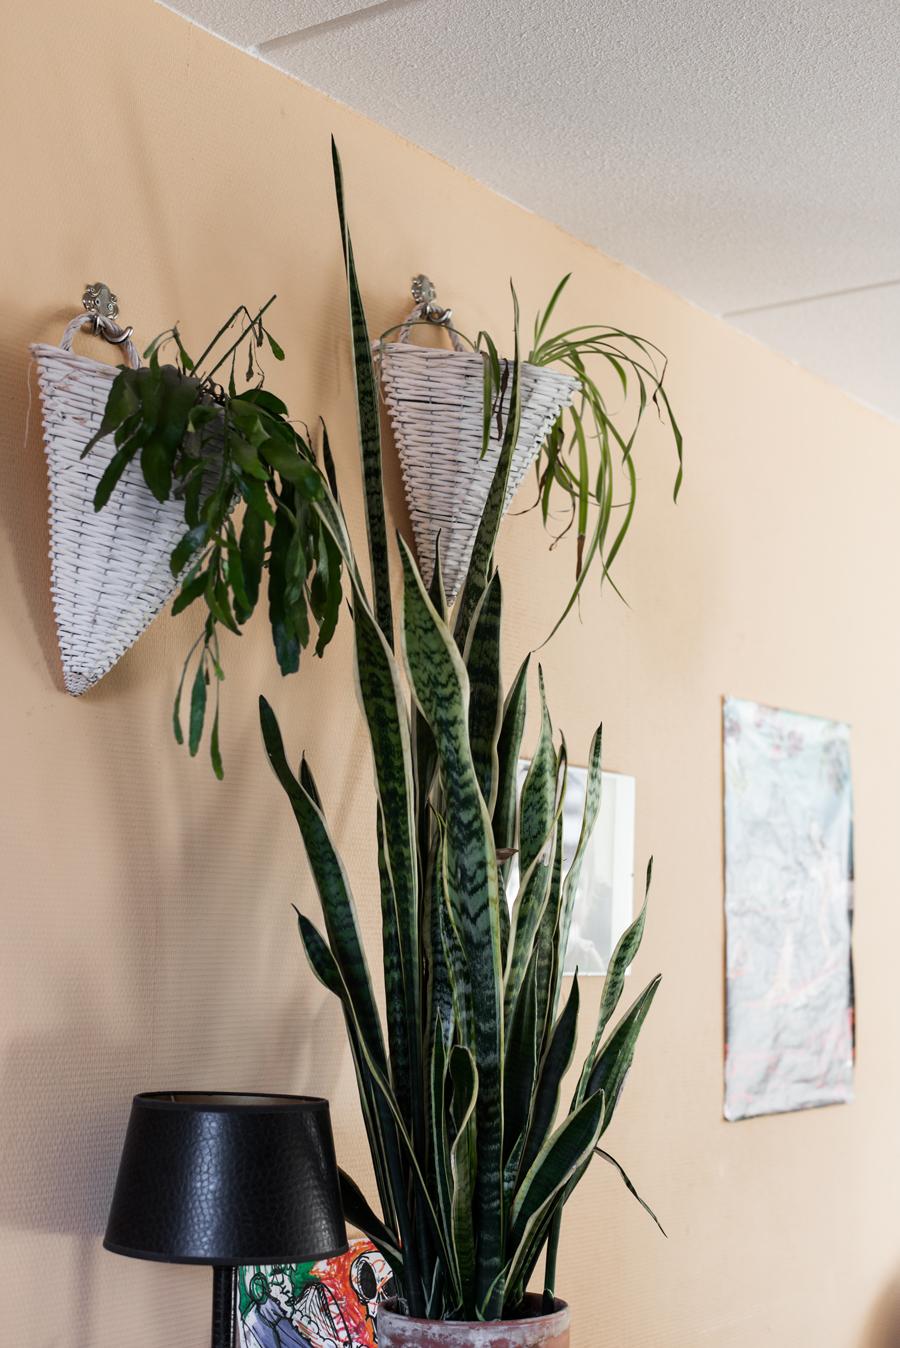 Zimmerpflanzen in hängenden Töpfen vor gelber Wand